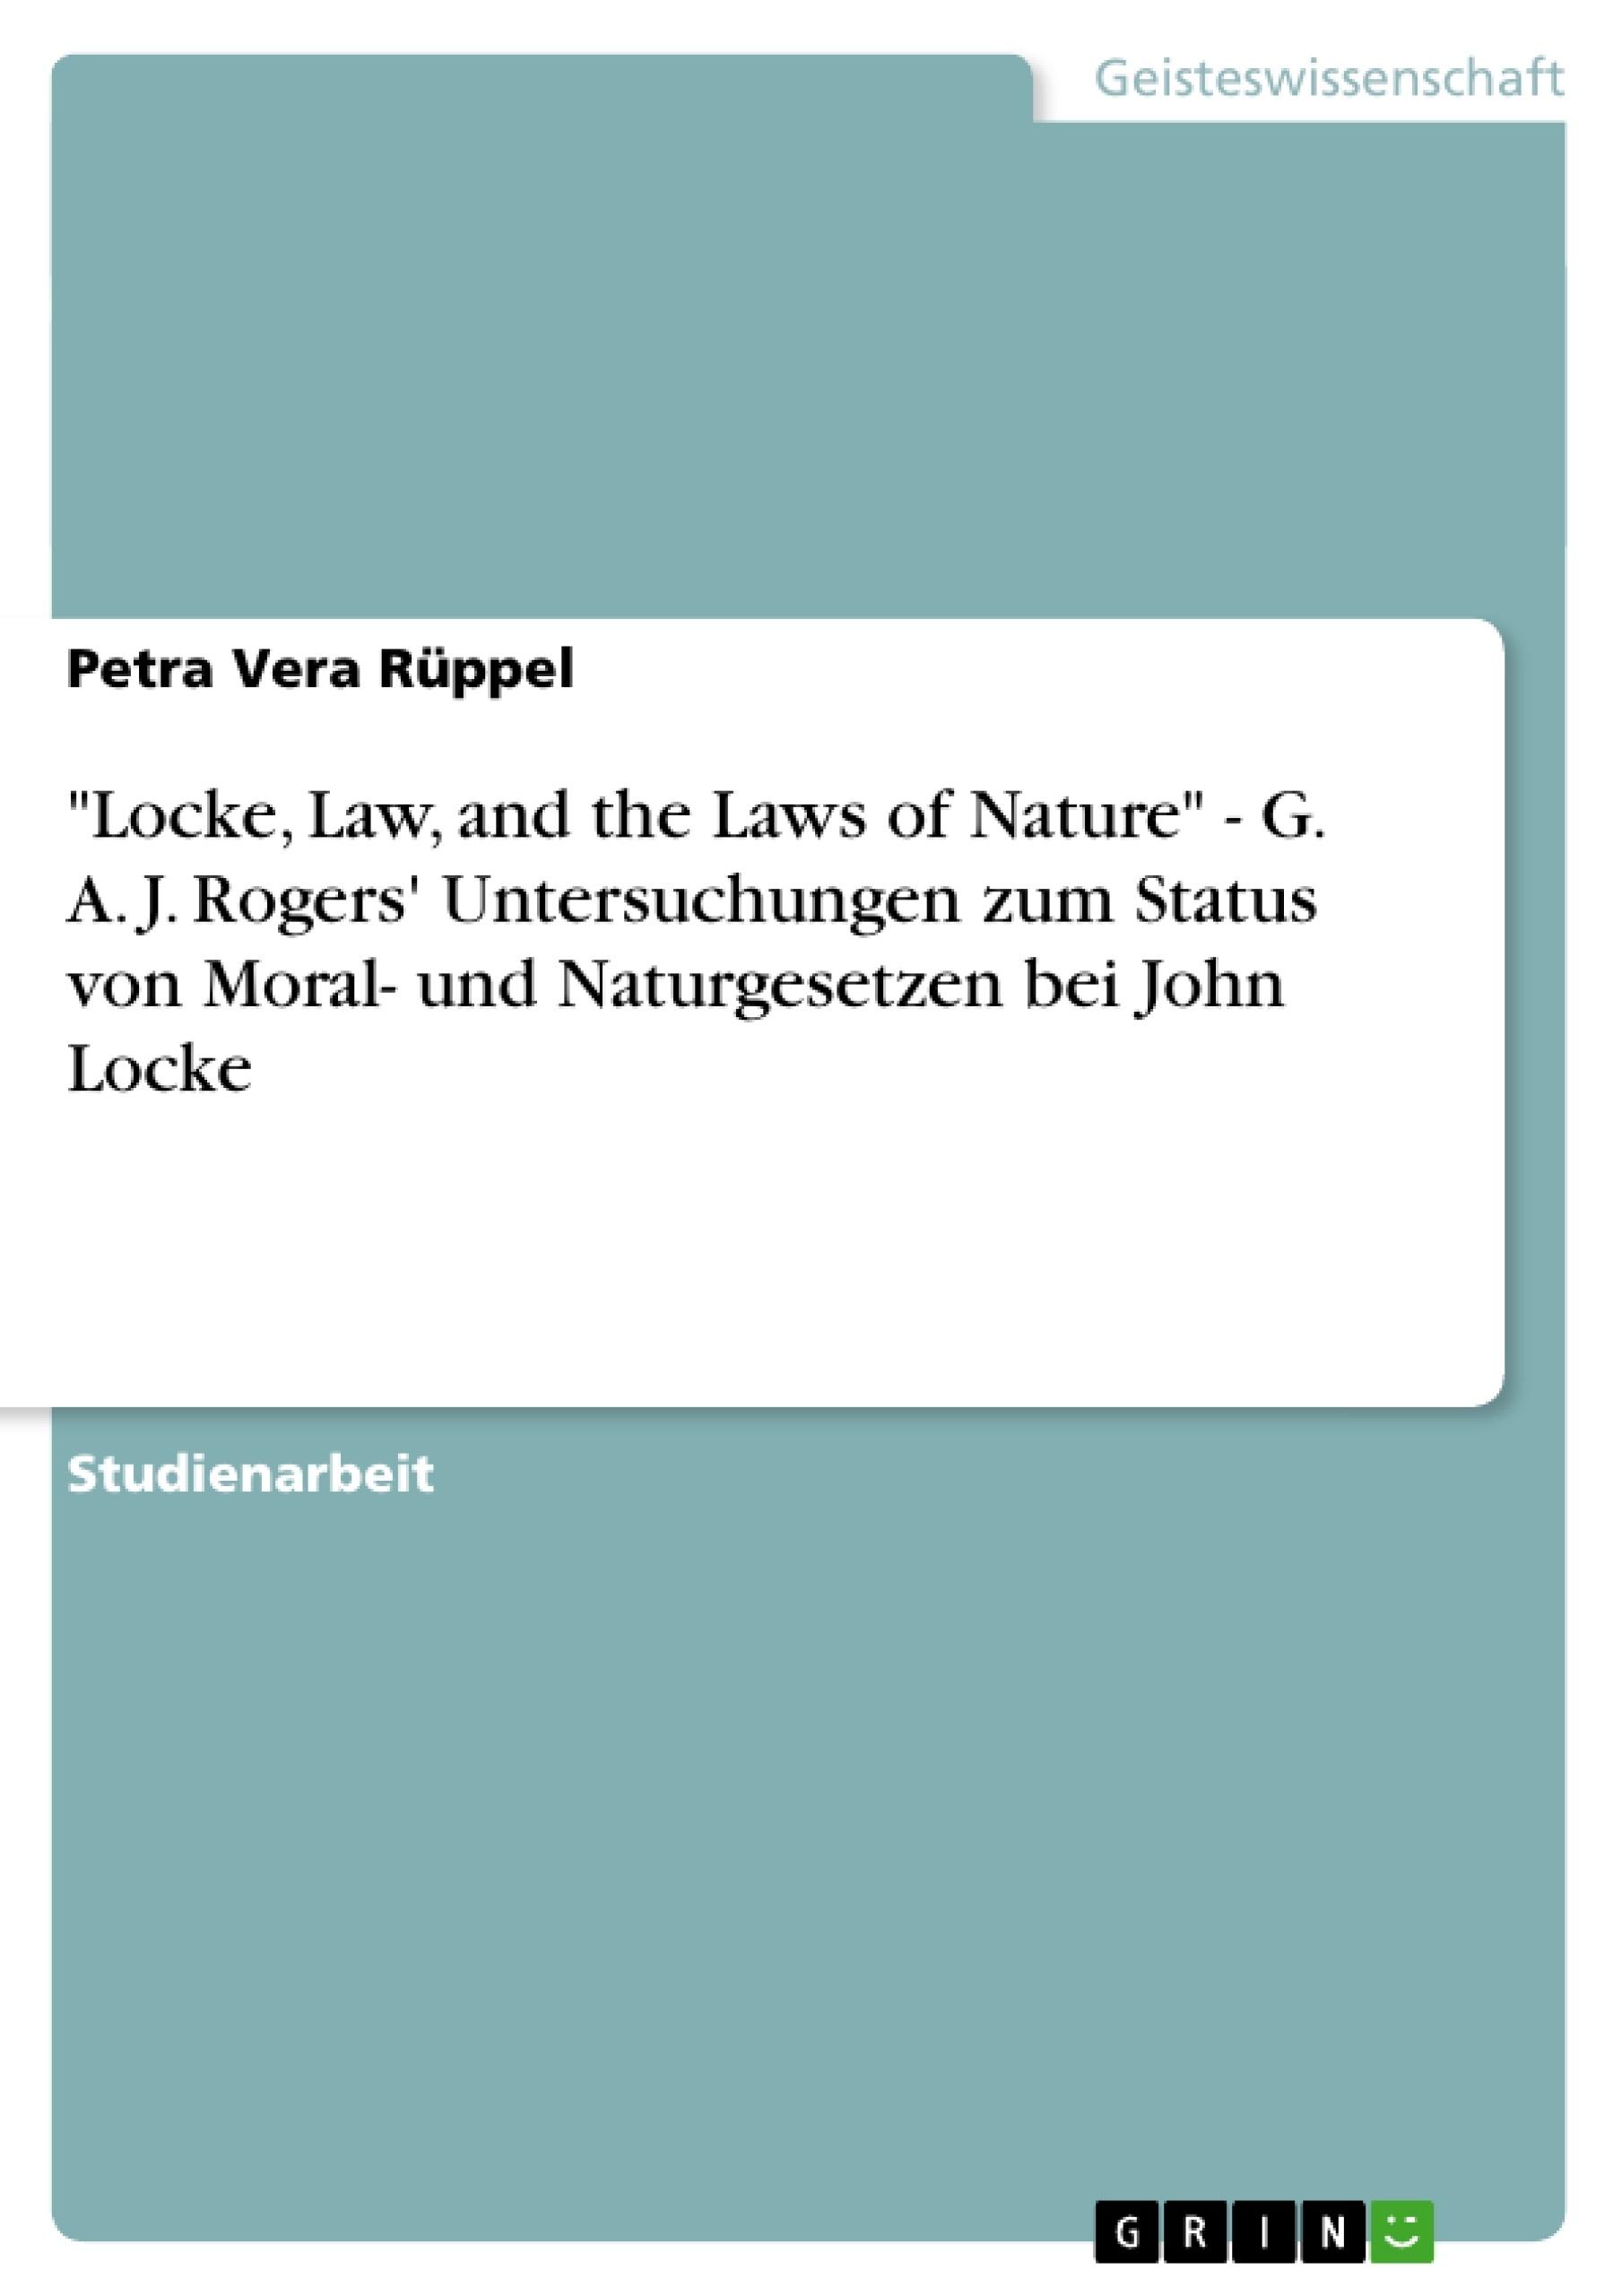 """Titel: """"Locke, Law, and the Laws of Nature"""" - G. A. J. Rogers' Untersuchungen zum Status von Moral- und Naturgesetzen bei John Locke"""